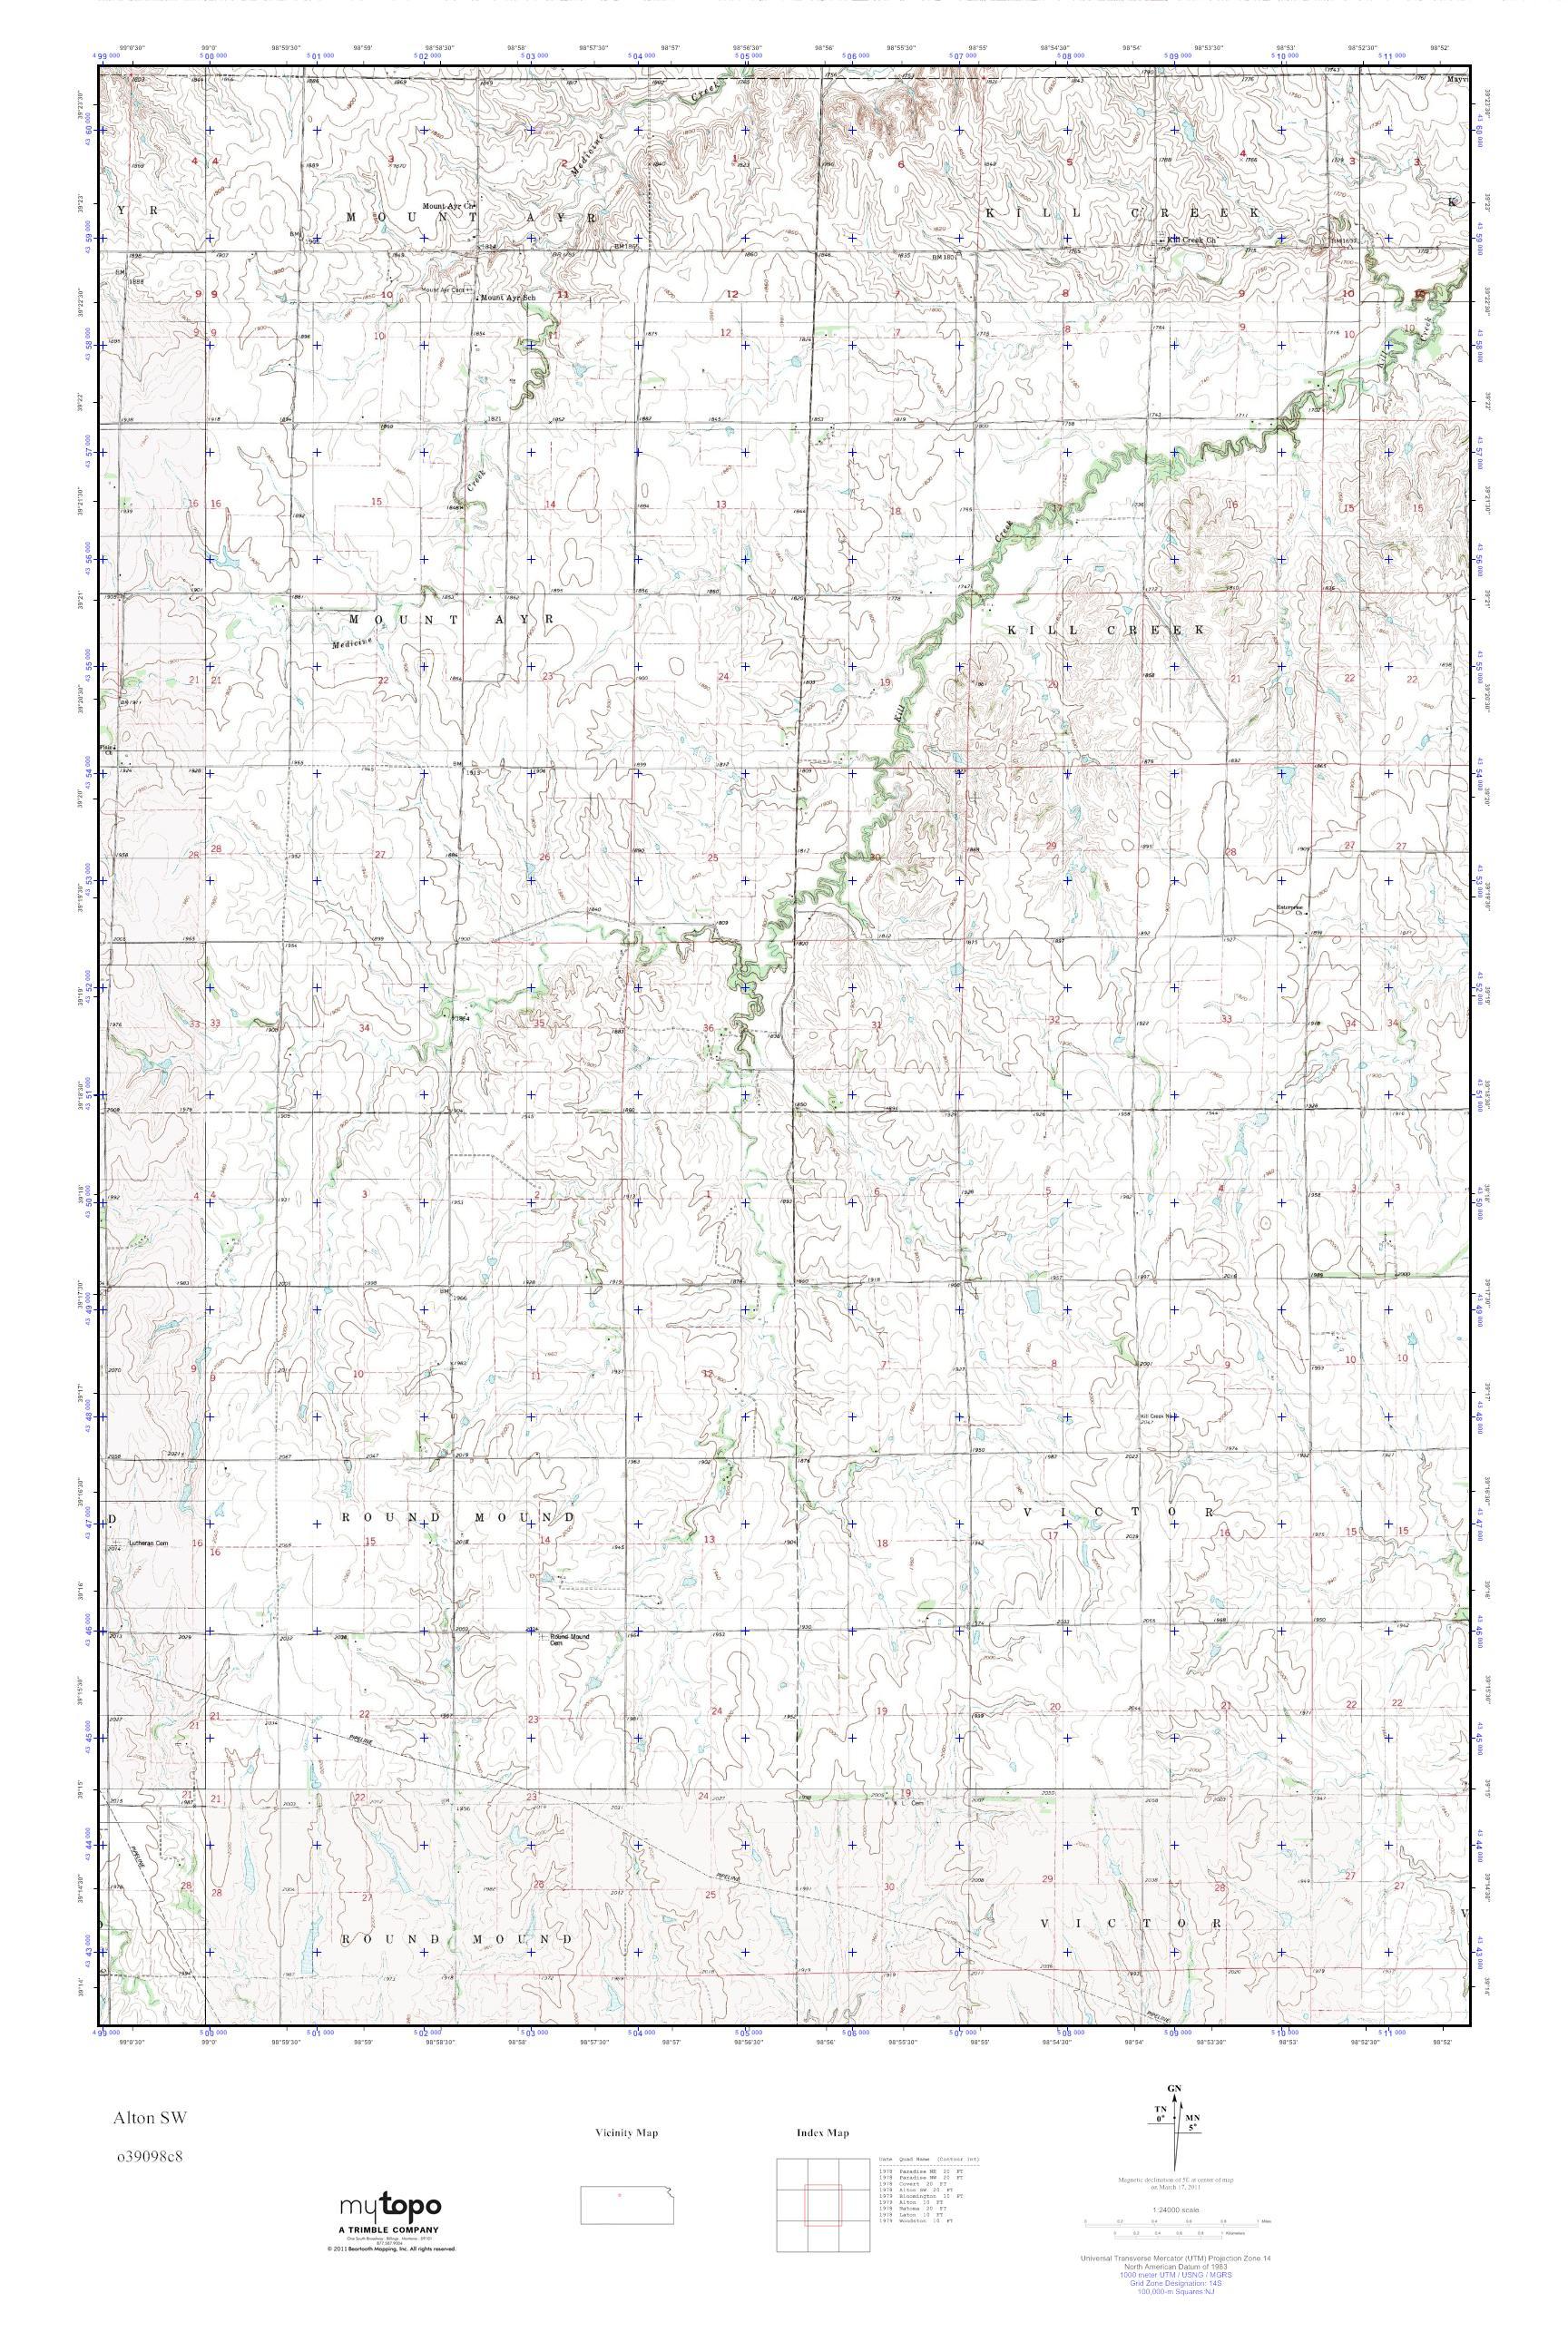 Alton Kansas Map.Mytopo Alton Sw Kansas Usgs Quad Topo Map